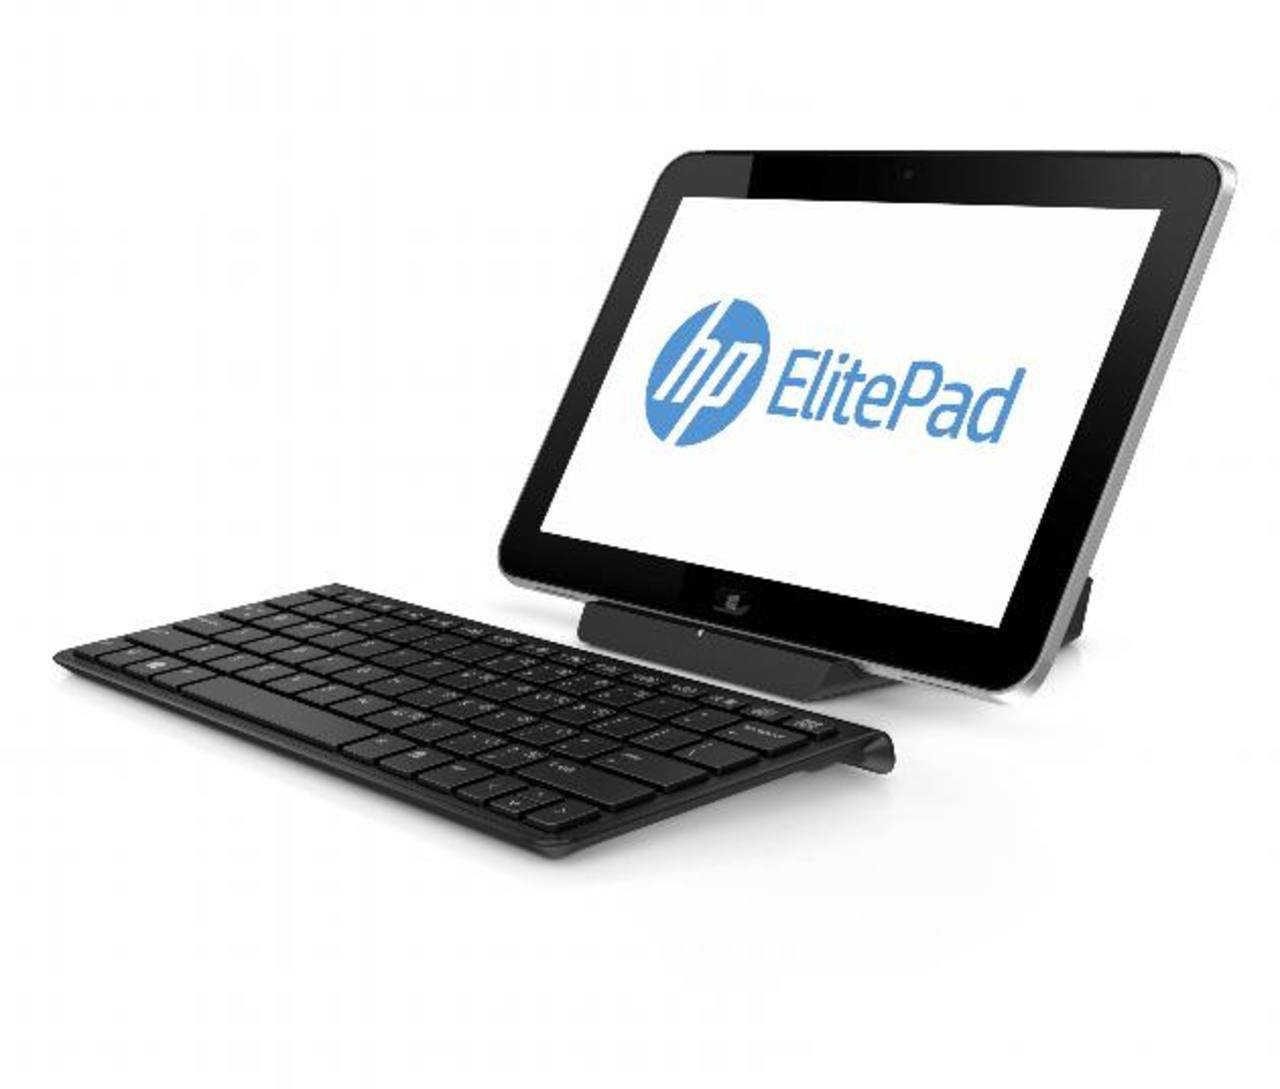 Los accesorios como teclado y base de la ElitePad 900 se compran por separado. Llegará al país en febrero.